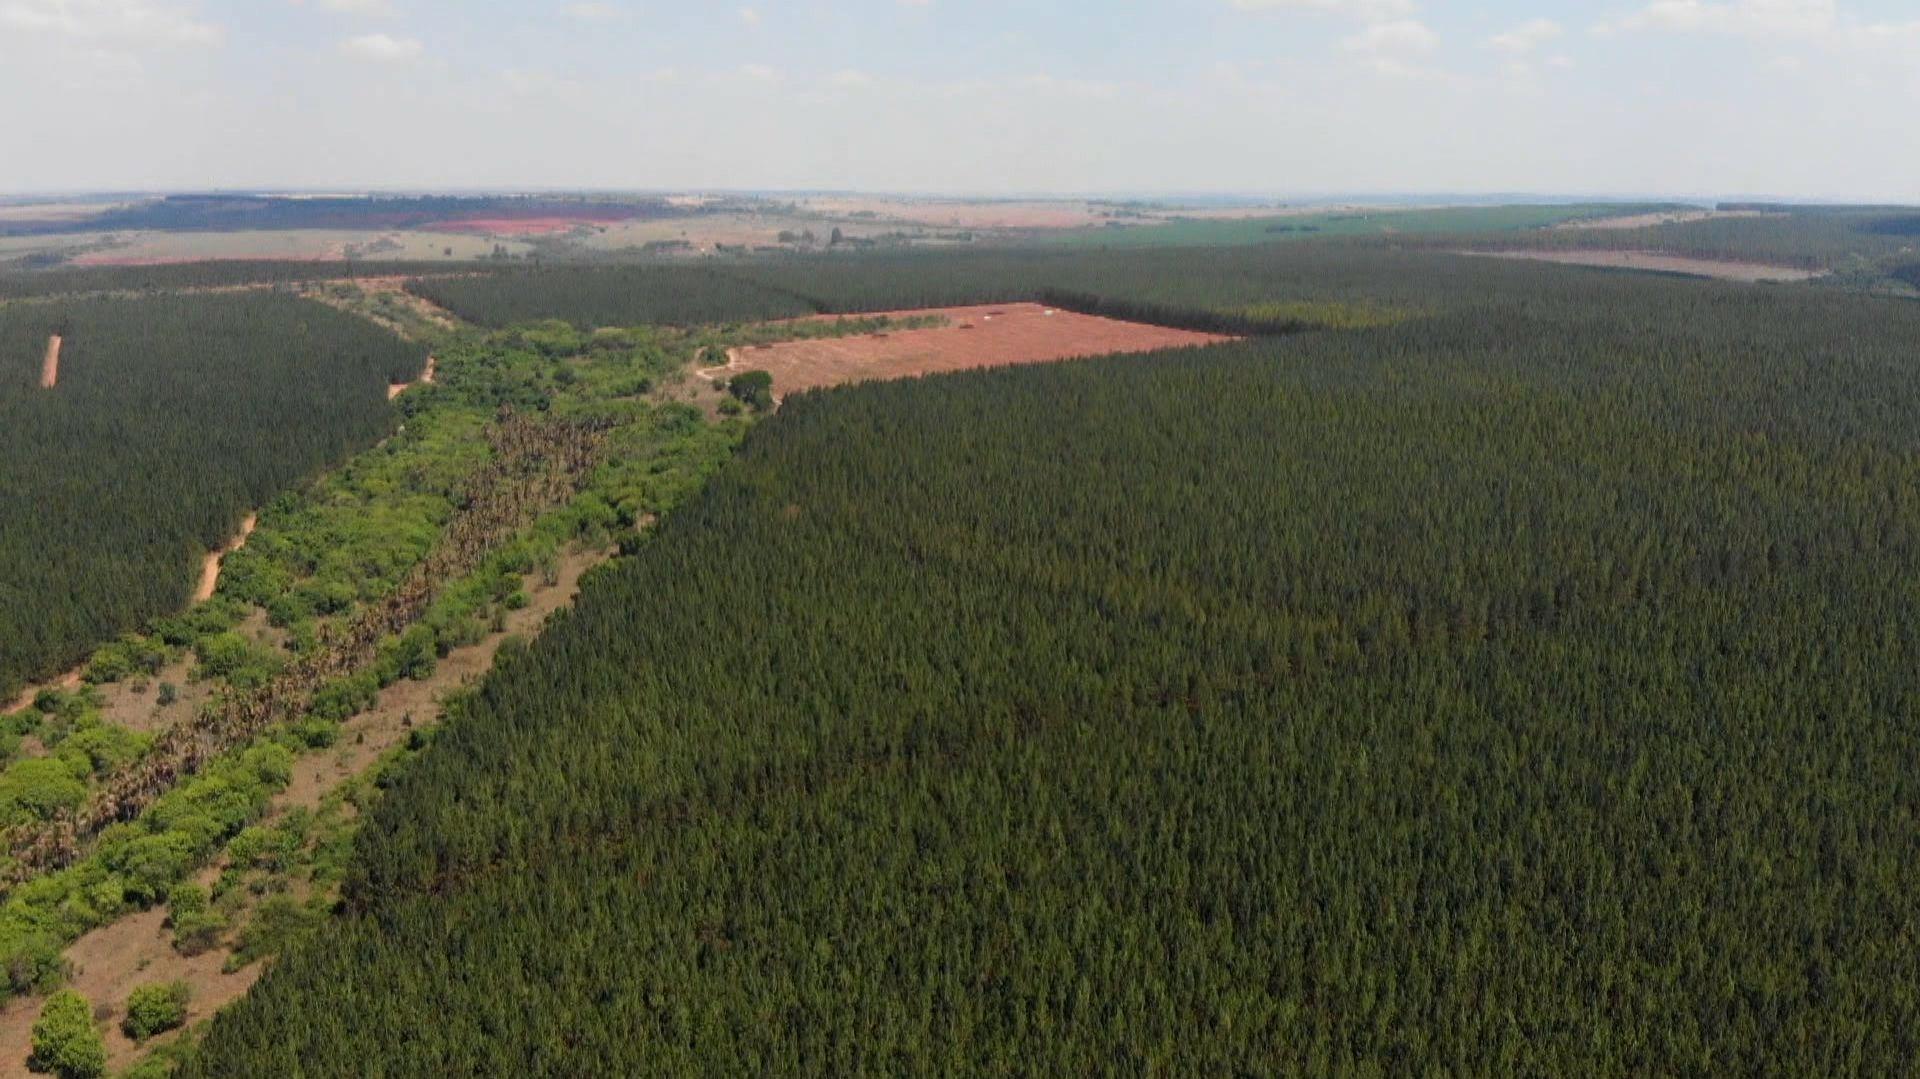 10.000 Hektar Kieferwald binden mehr CO2 als Faber-Castell weltweit verbraucht.